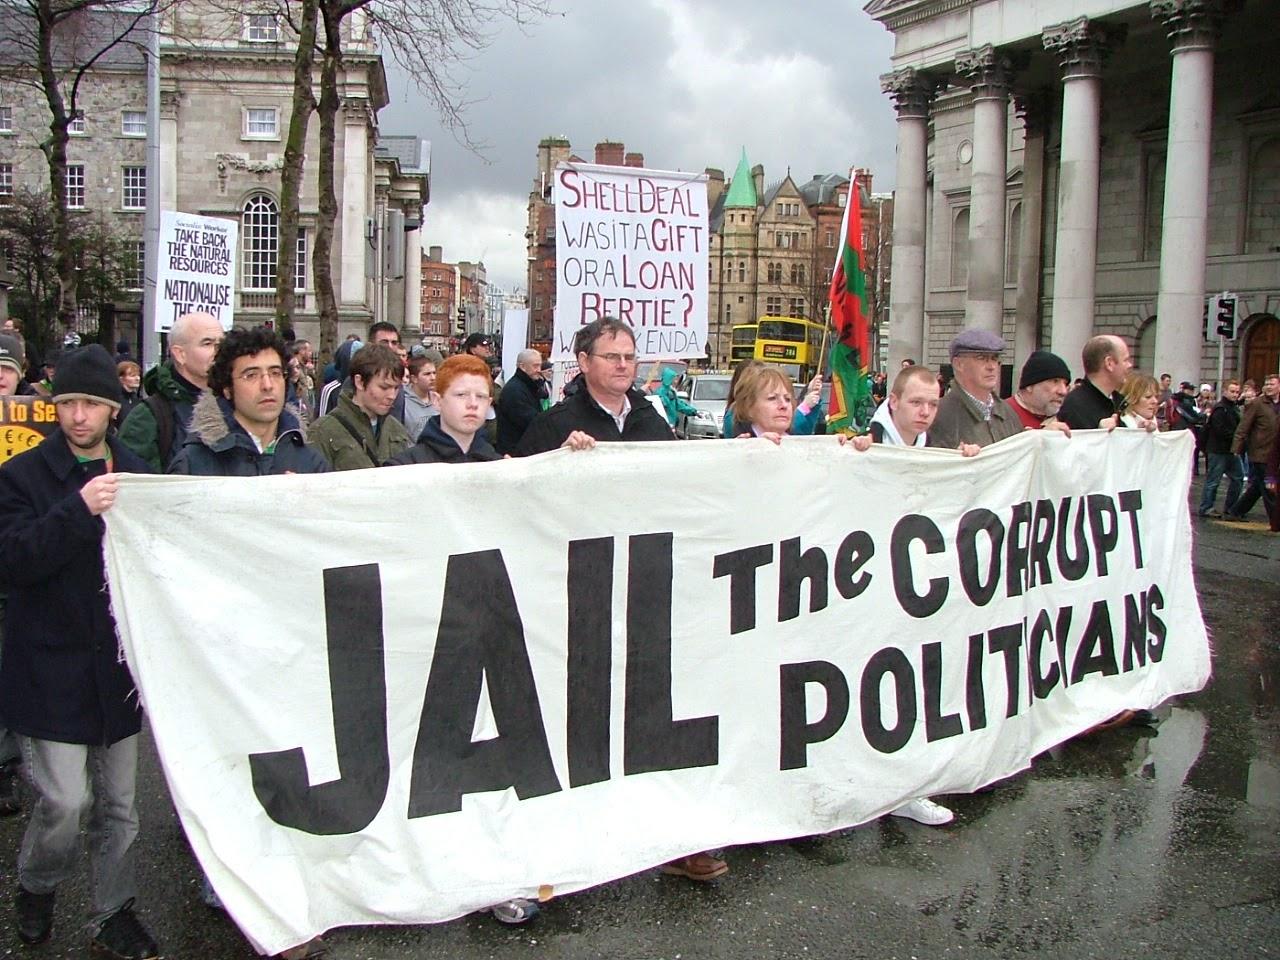 La închisoare cu politicienii corupți! sursa foto: http://drpinna.com/